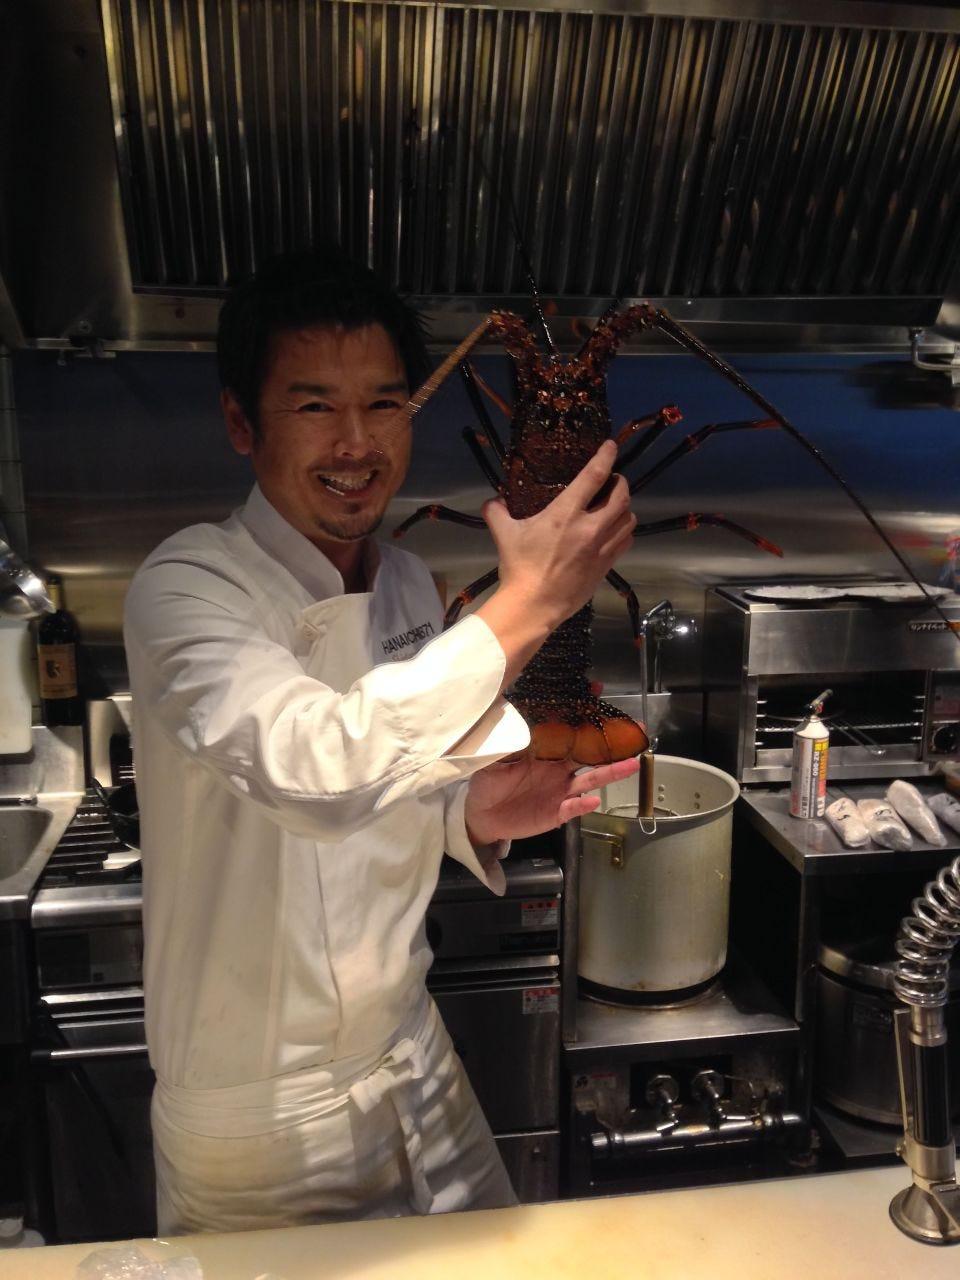 シェフ自慢の「和食×イタリアン」創作料理をご堪能ください!